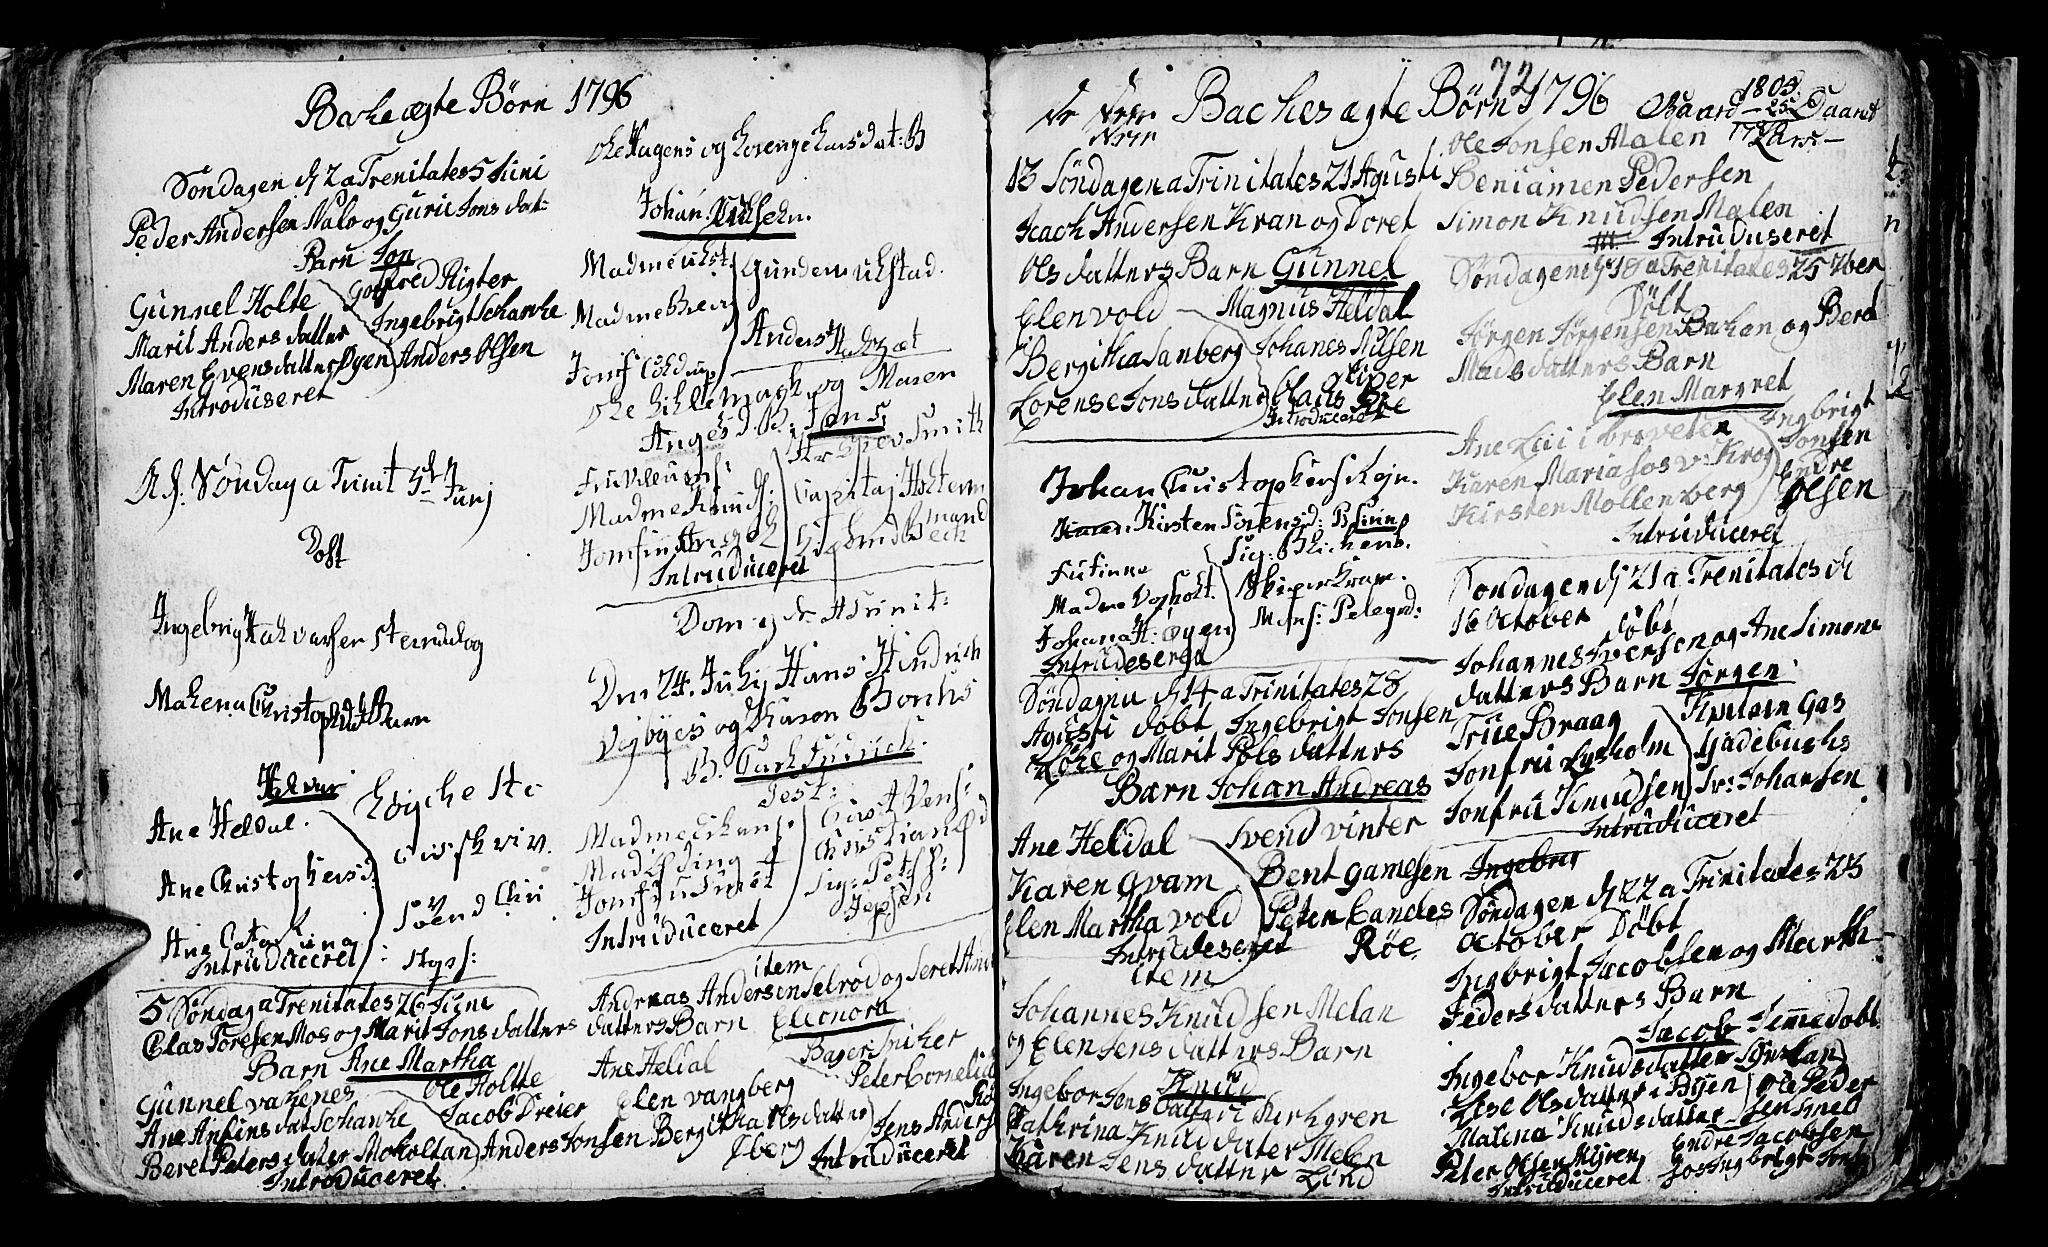 SAT, Ministerialprotokoller, klokkerbøker og fødselsregistre - Sør-Trøndelag, 604/L0218: Klokkerbok nr. 604C01, 1754-1819, s. 72